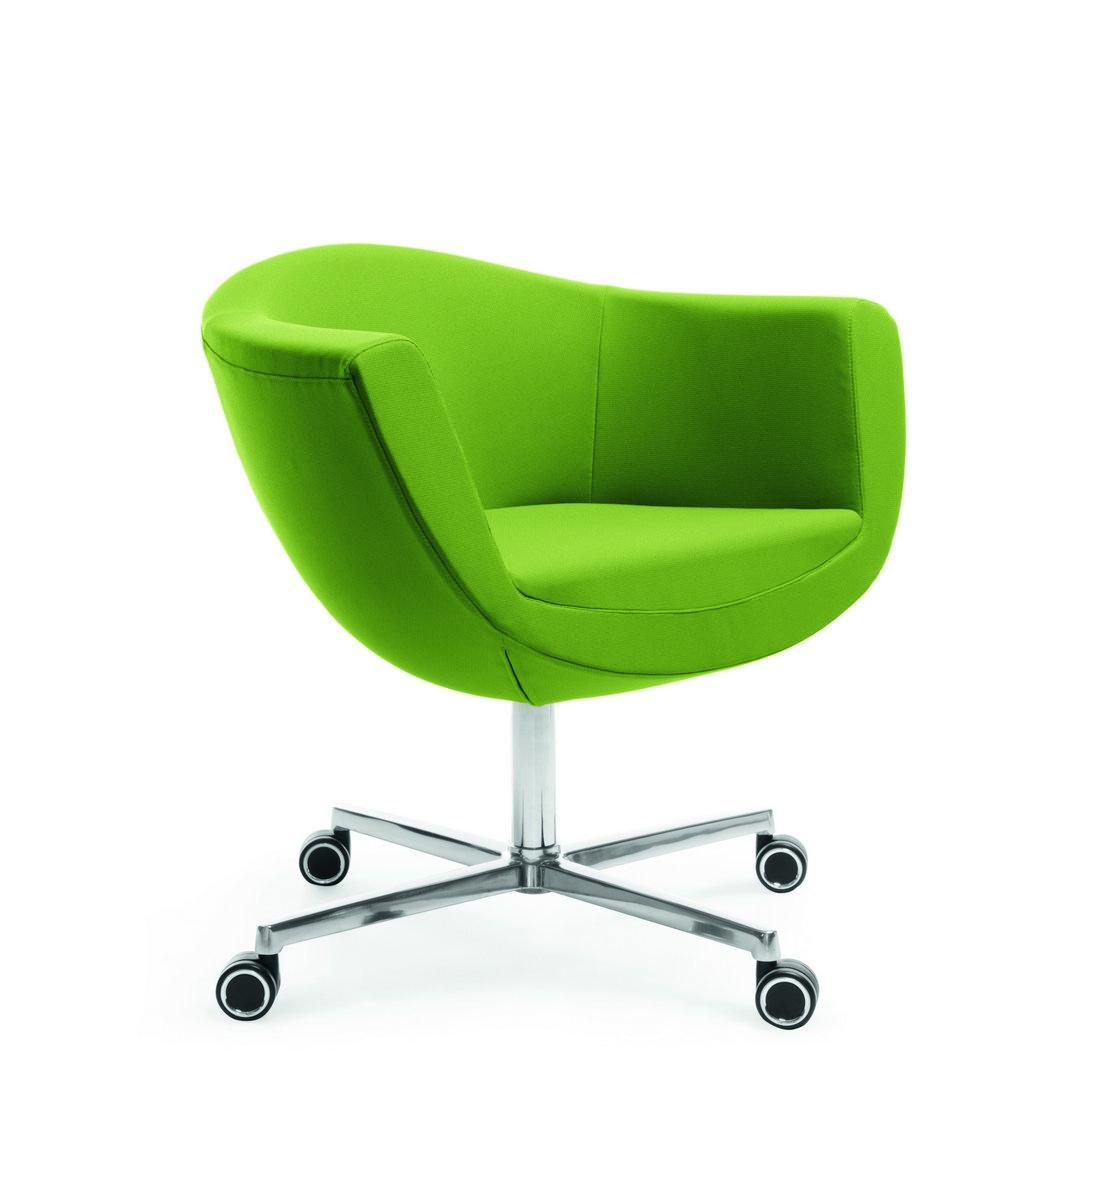 Zielony fotel konferencyjny Sorriso, elegancki fotel konferencyjny Sorriso